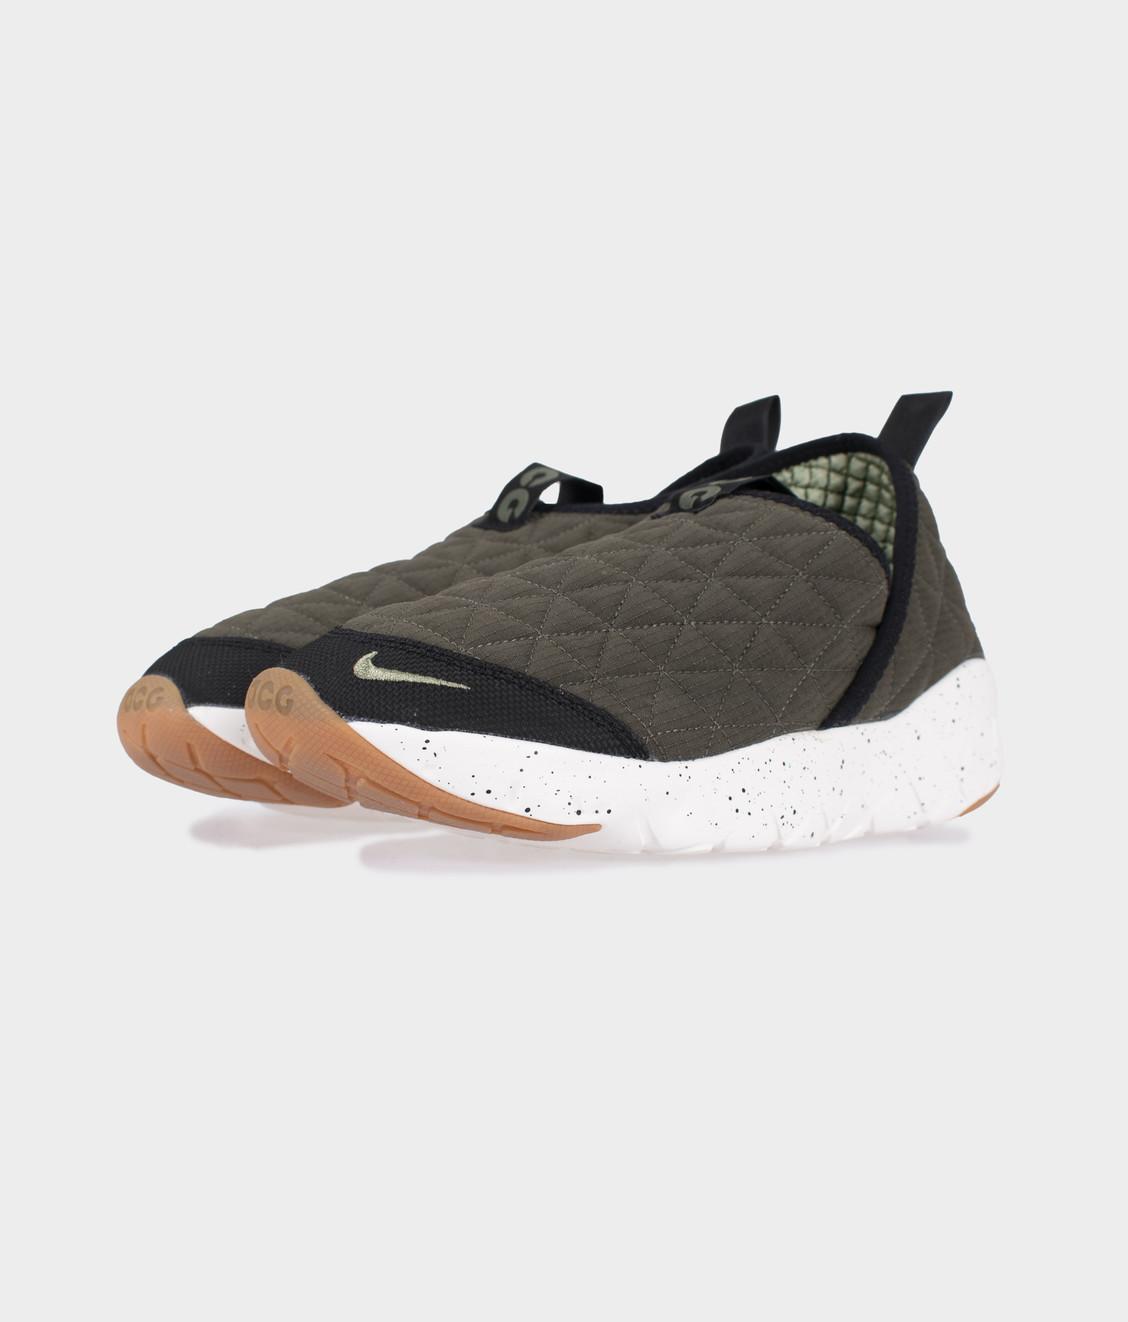 Nike Nike ACG Moc 3.0 Olive Green